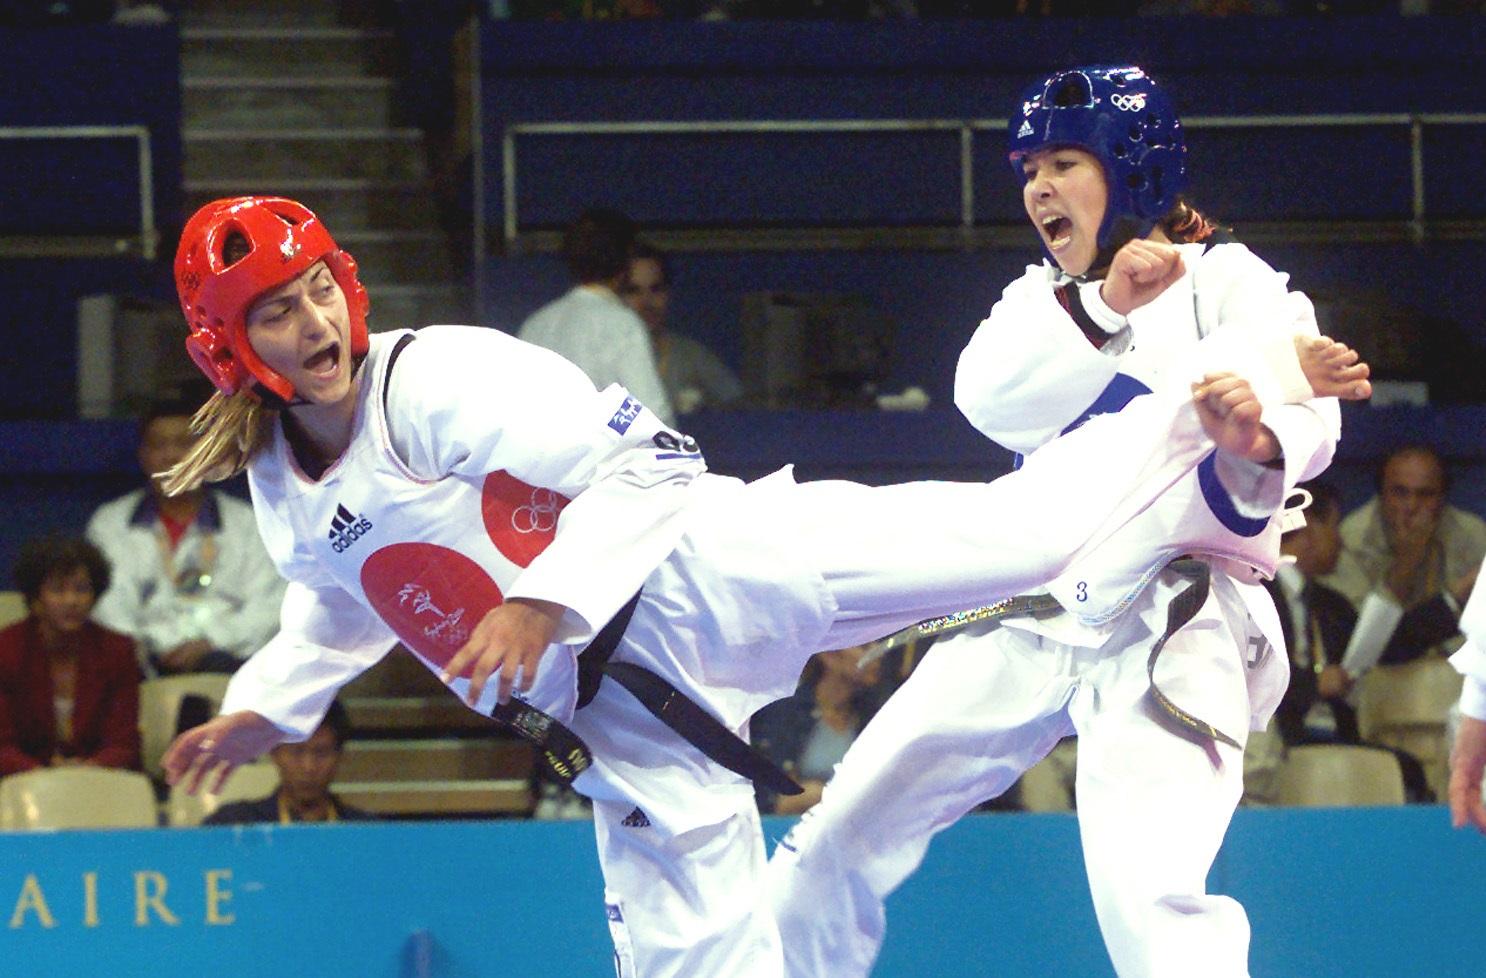 areti-athanasopoulou-taekwondo-tkdmag-2